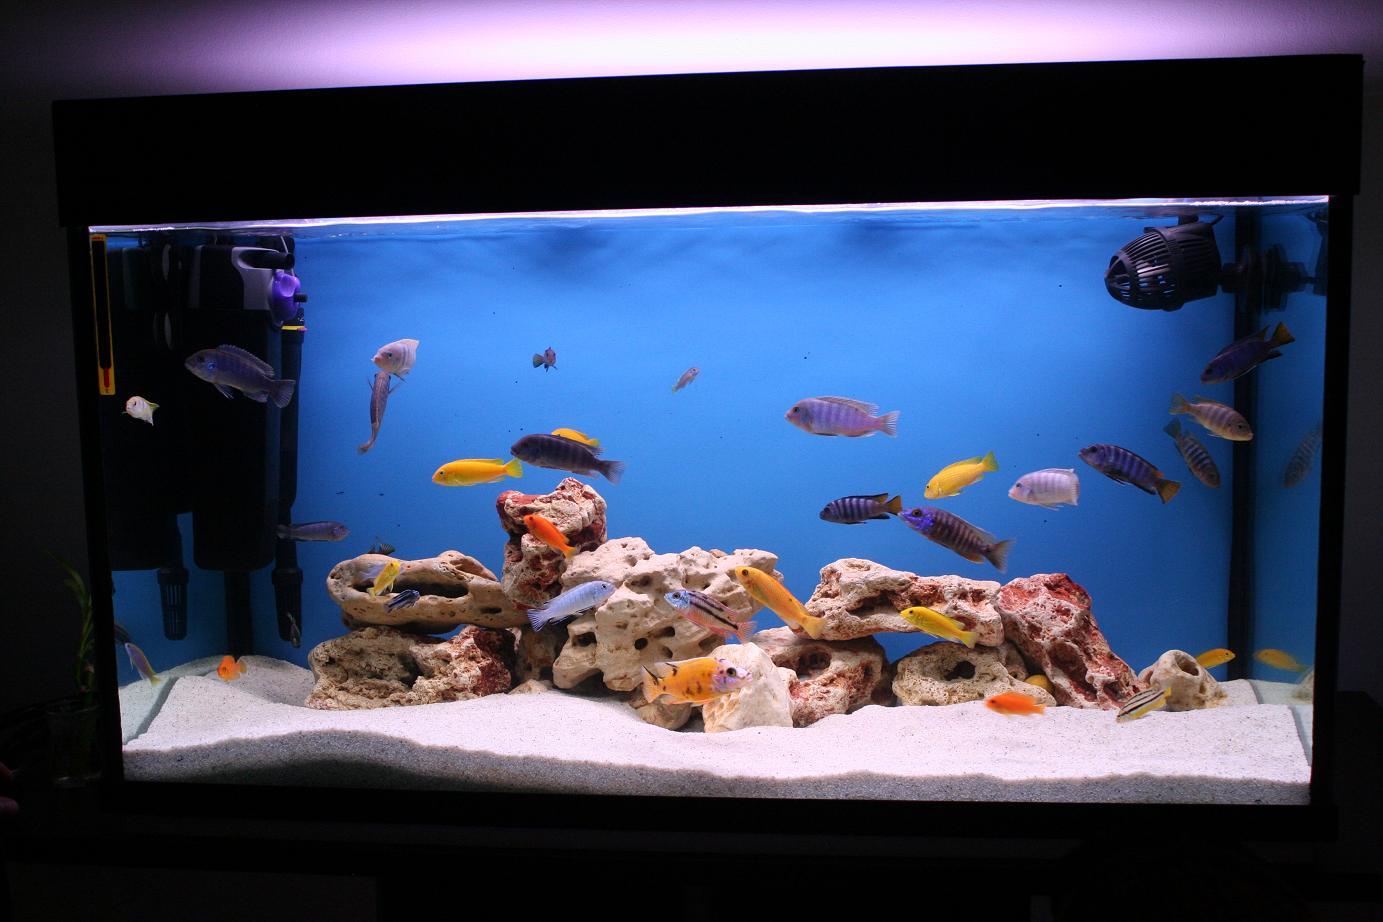 Fish aquarium ideas - Image